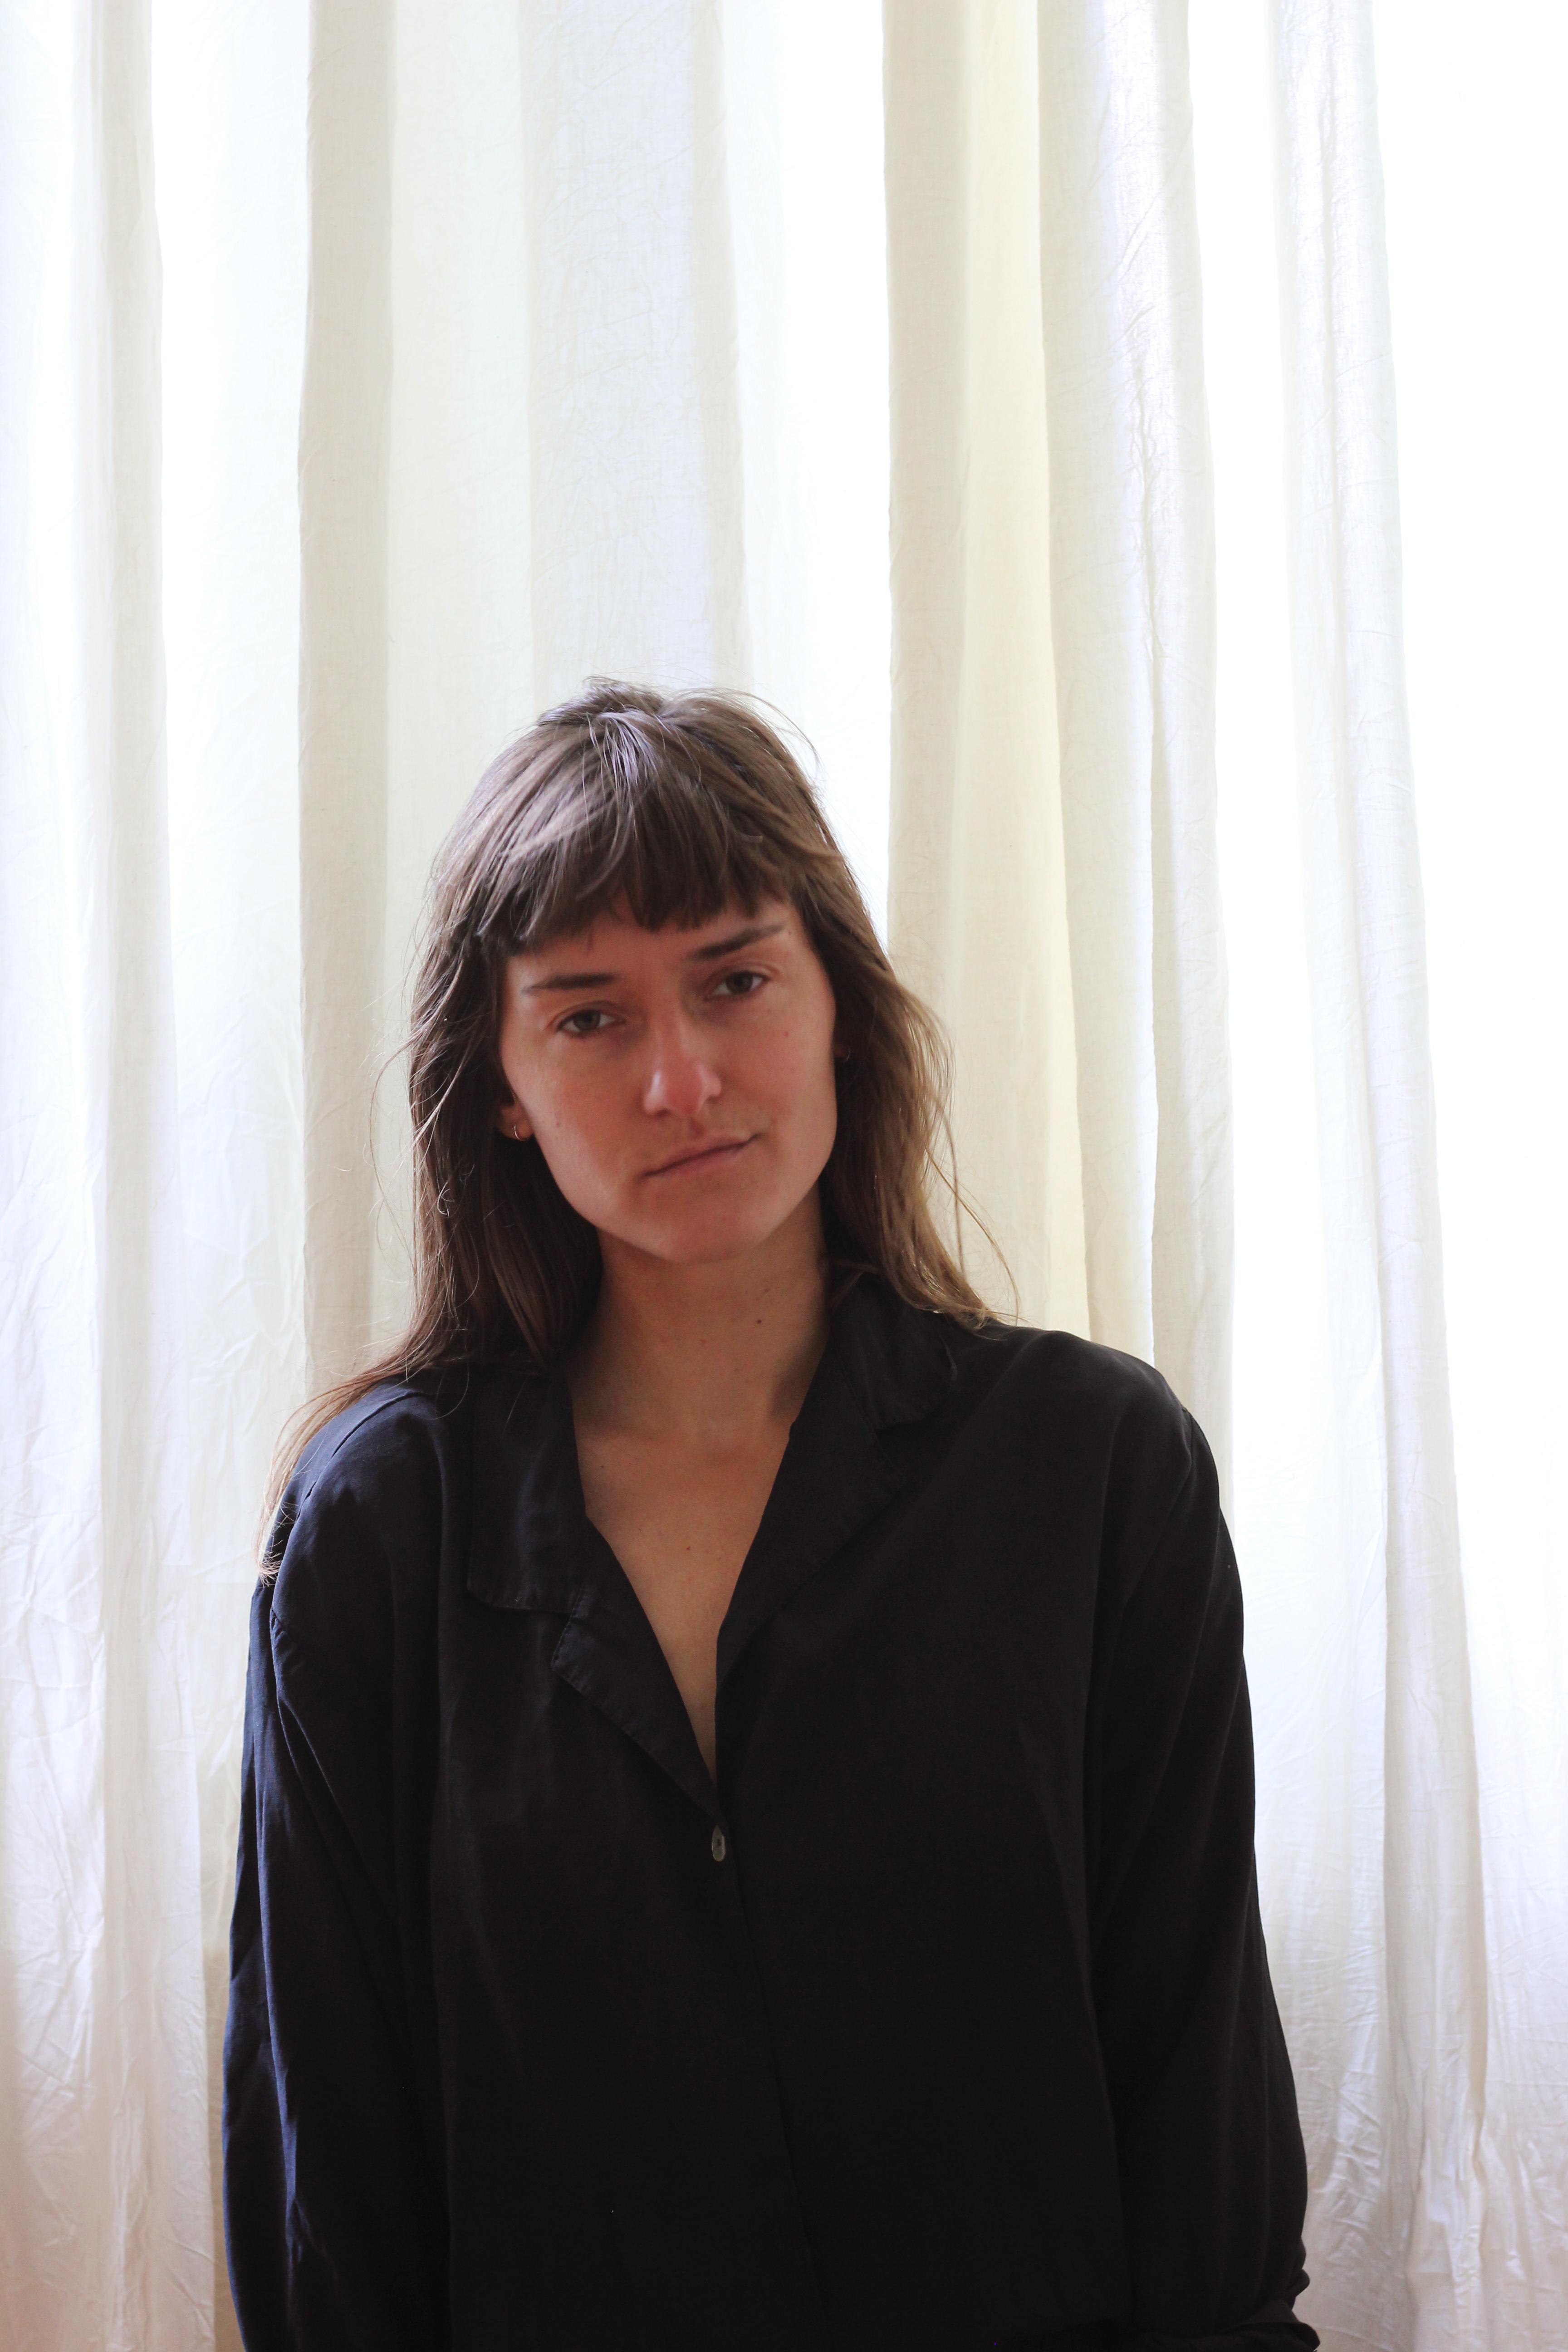 Anna Lotte